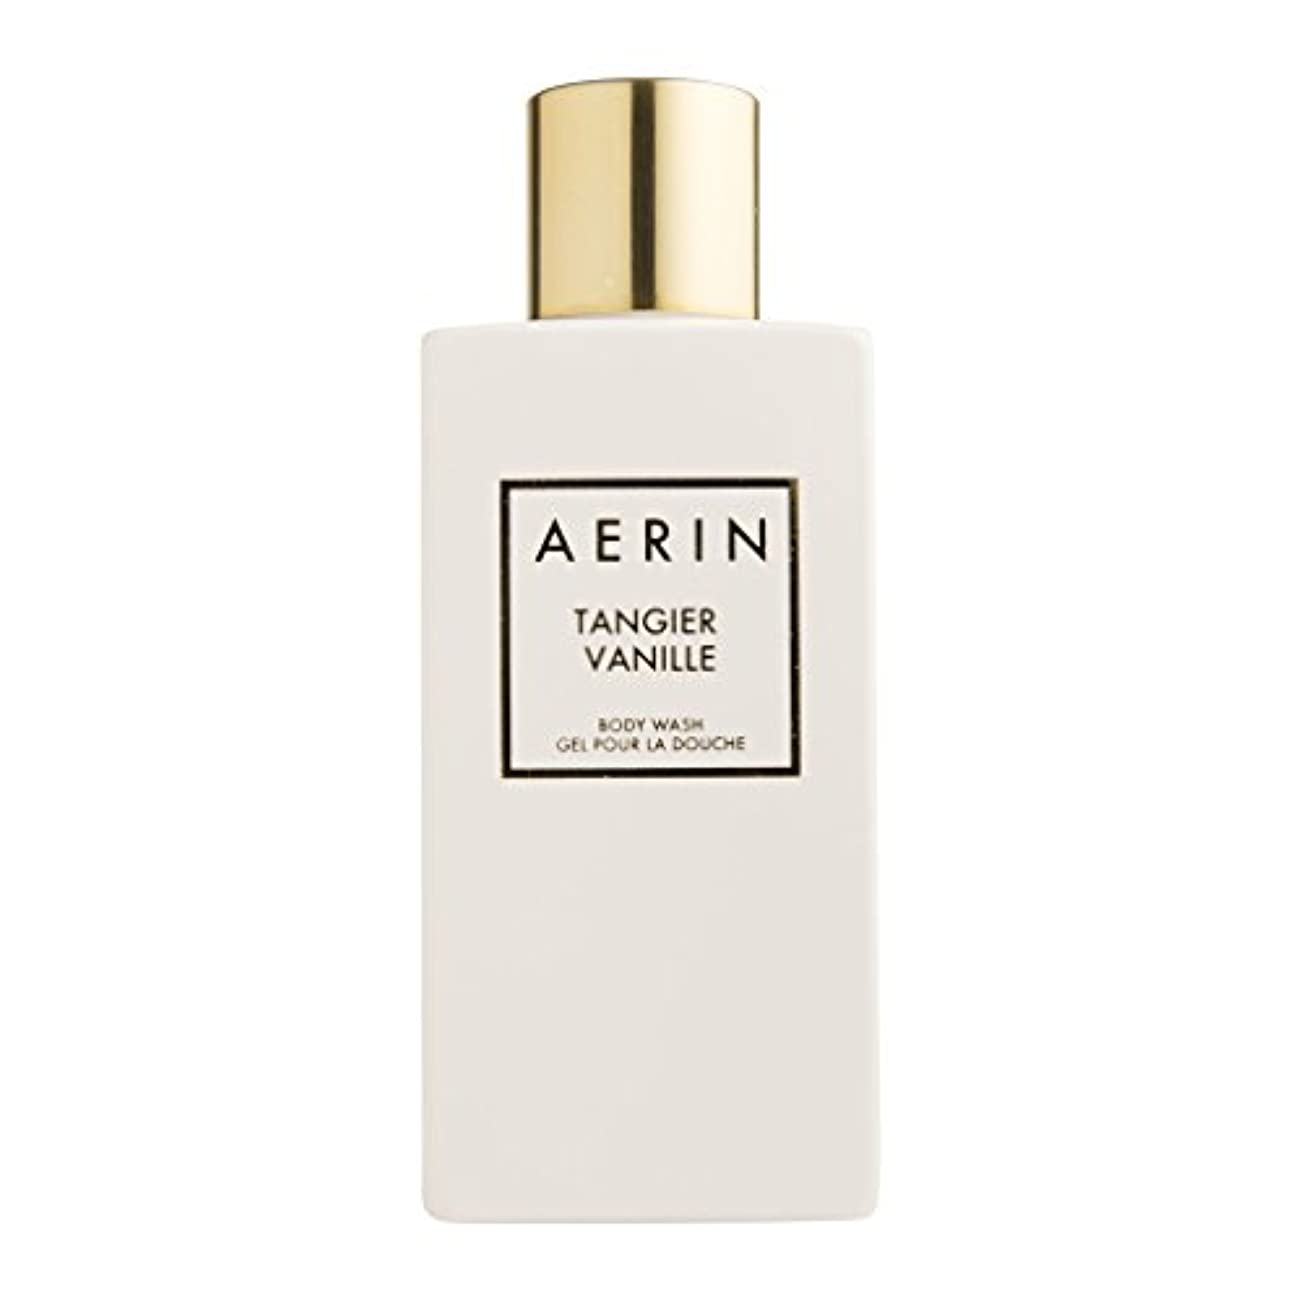 エッセンスアナリストダーベビルのテスAERIN Tangier Vanille (アエリン タンジヤー バニール) 7.6 oz (228ml) Body Wash ボディーウオッシュ by Estee Lauder for Women